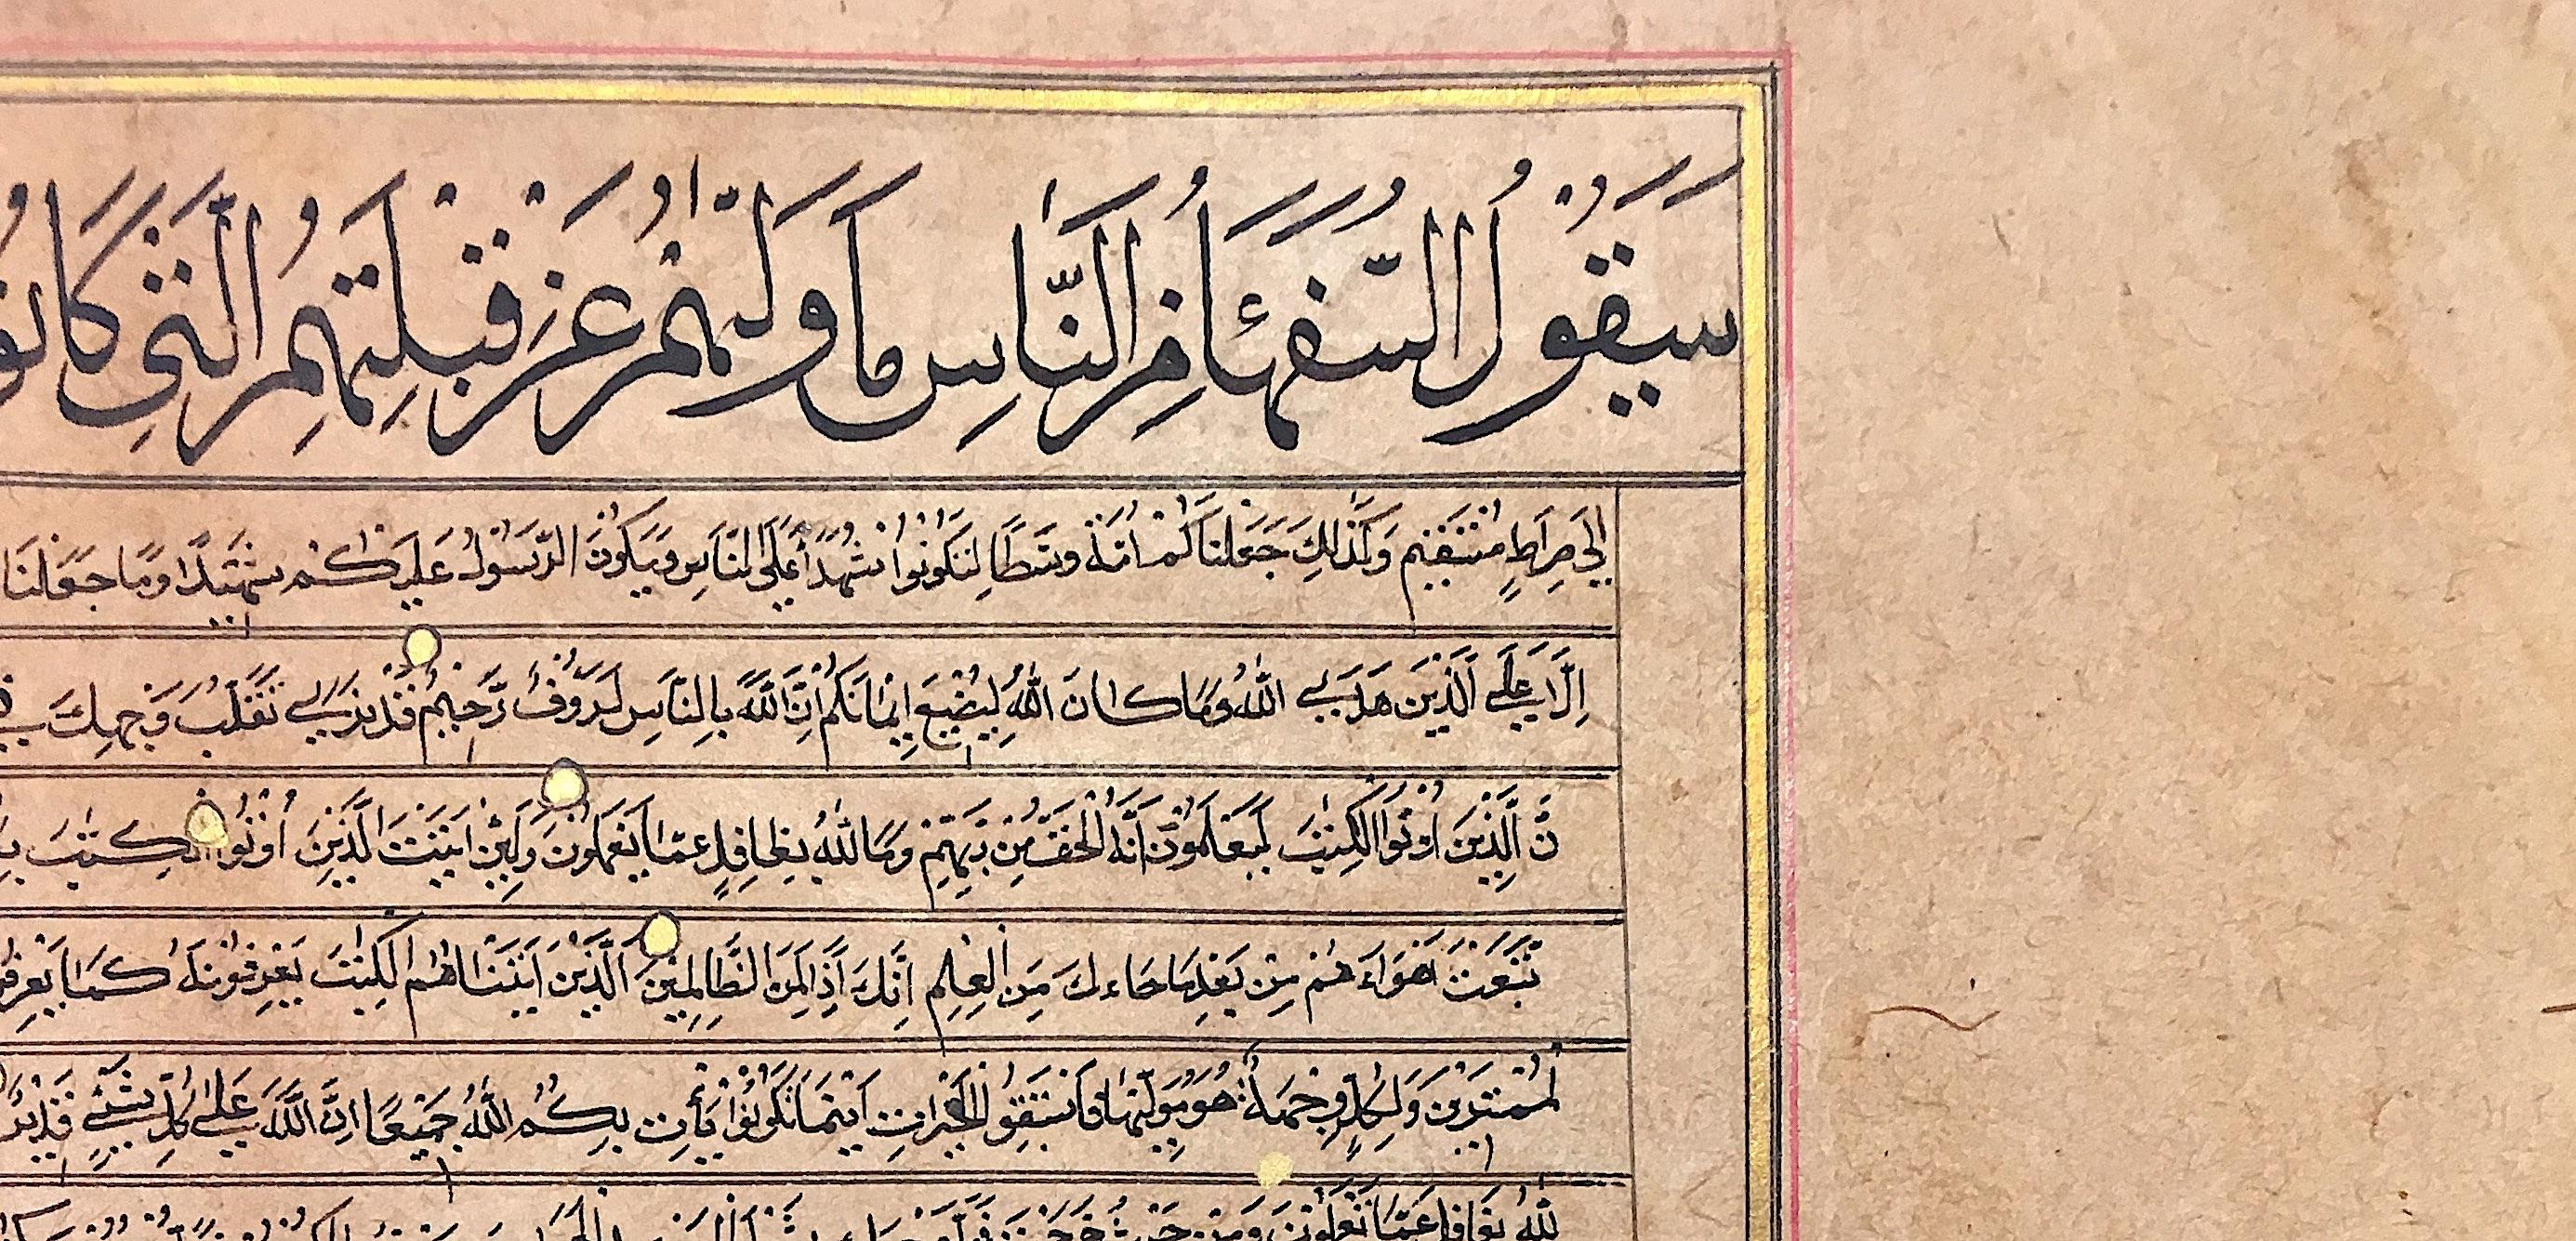 مخطوطات قرانية